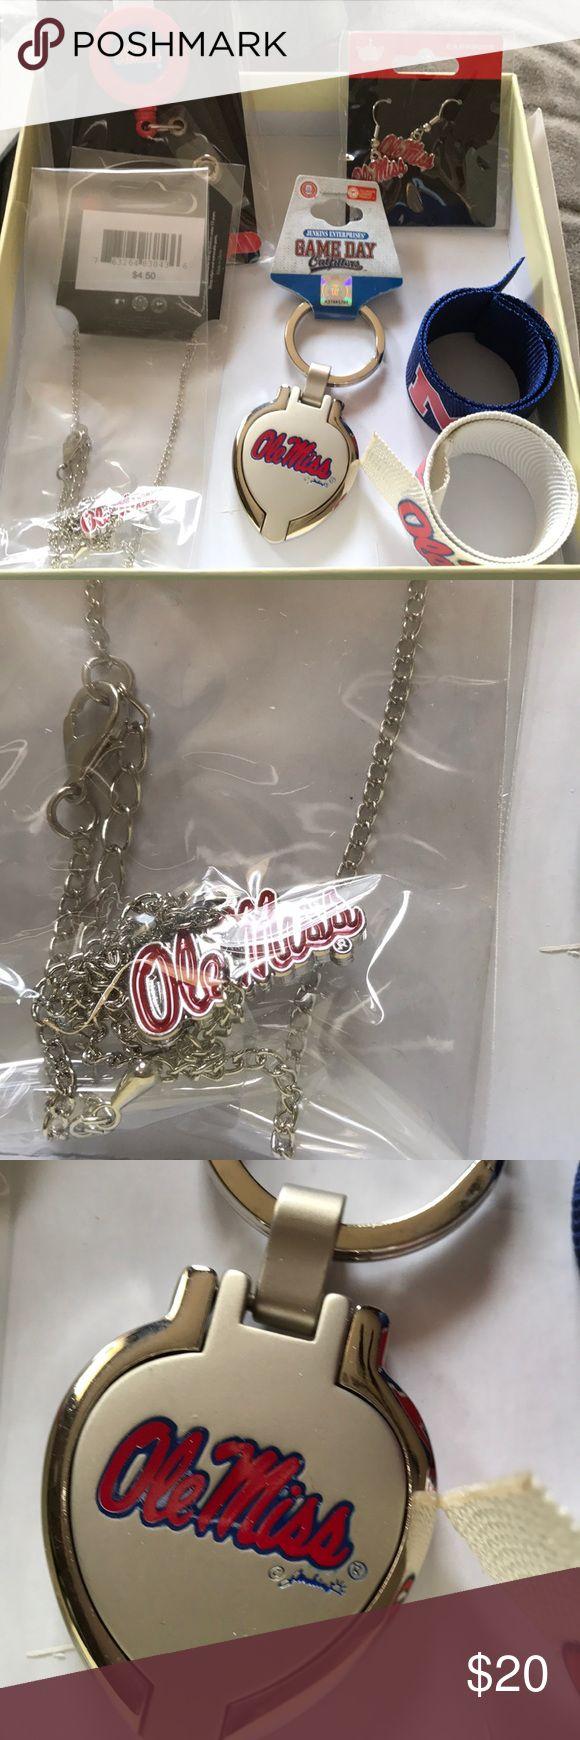 Ole Miss jewelry and etc Ole Miss jewelry and etc Jewelry Bracelets